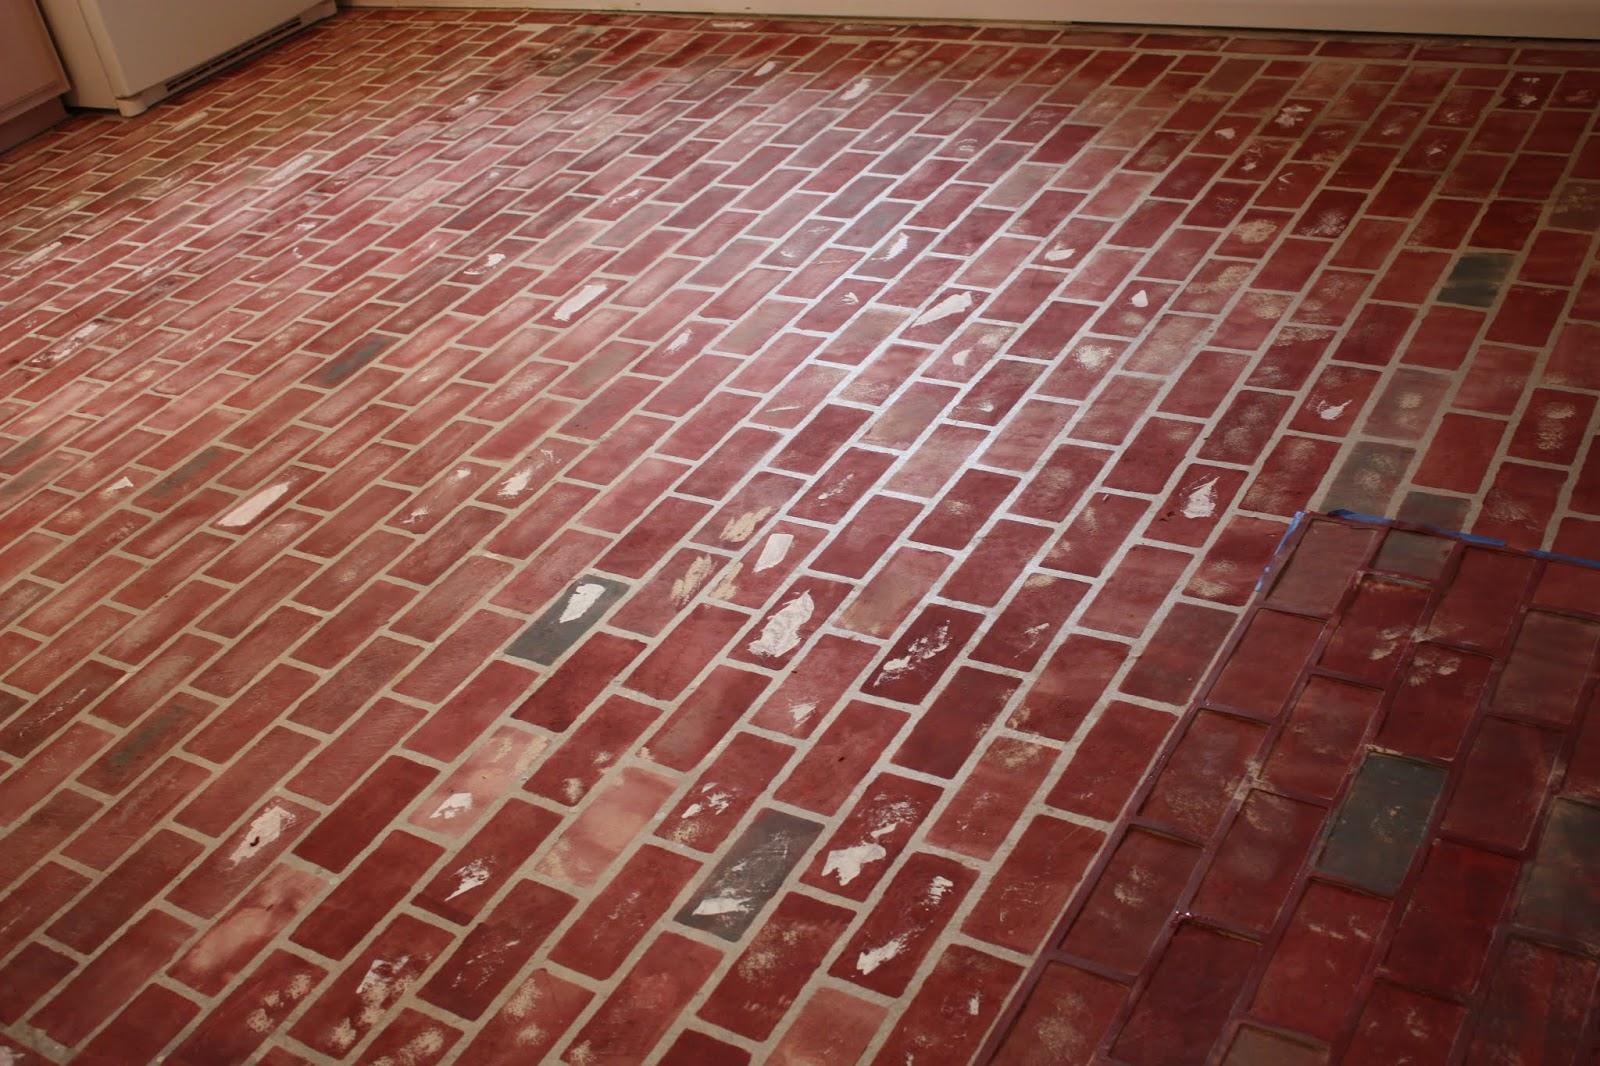 Pen Hive How To Paint A Faux Brick Floor On Concrete